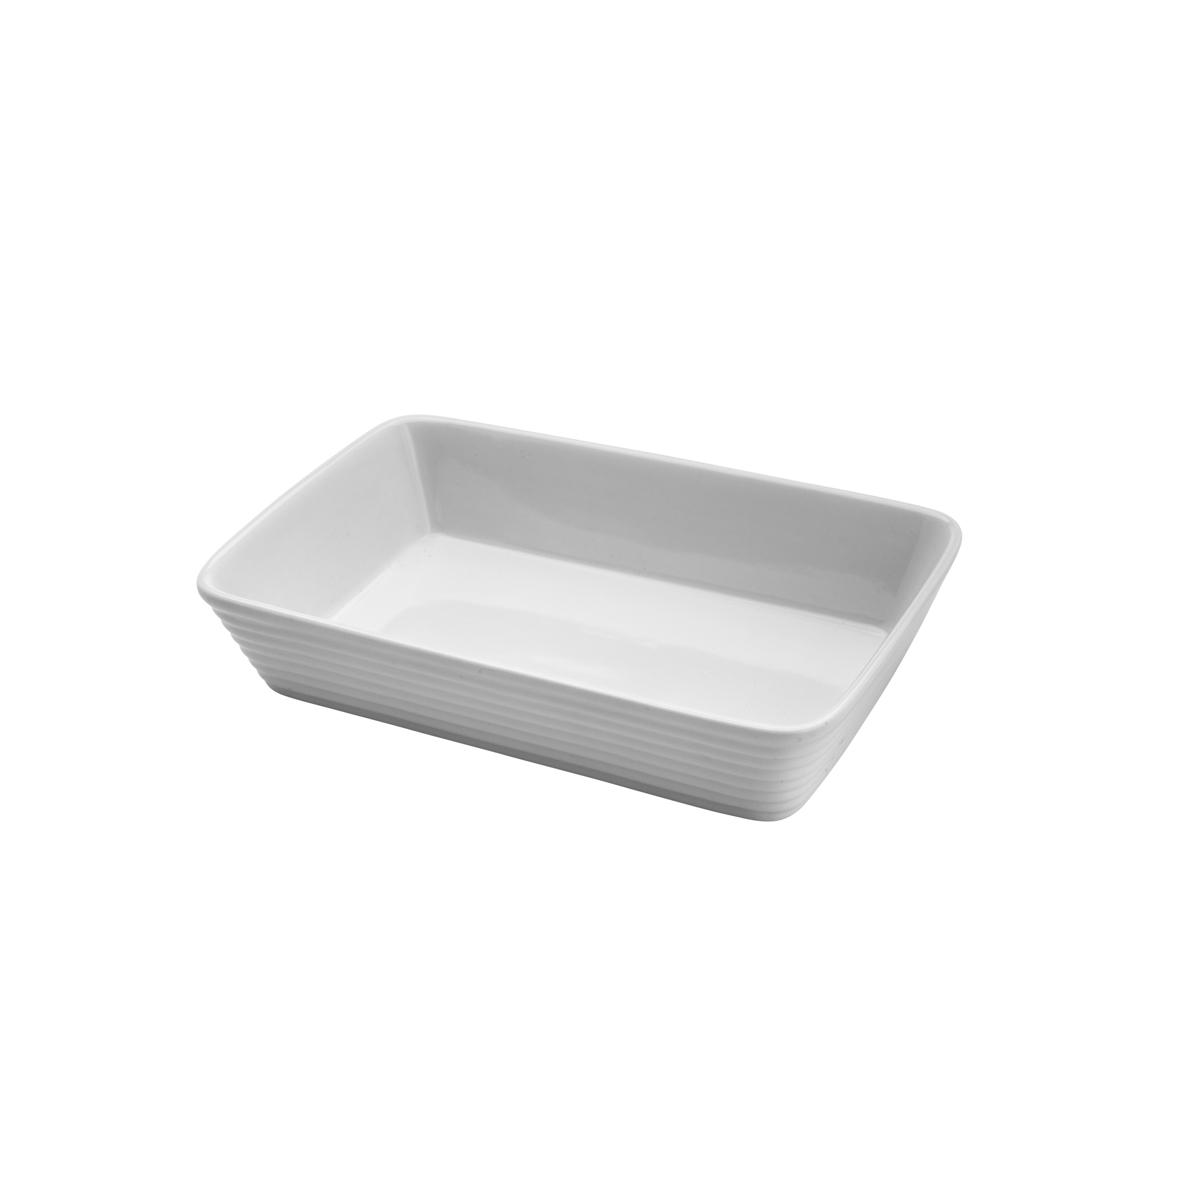 Refratário de porcelana Linea branco 26x16,5x5cm Lyor